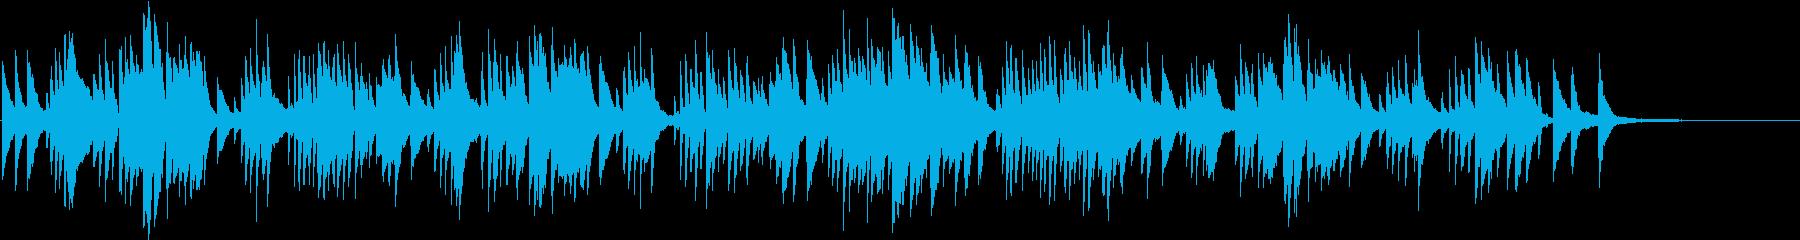 落ち着くクラシックをシンプルピアノでの再生済みの波形